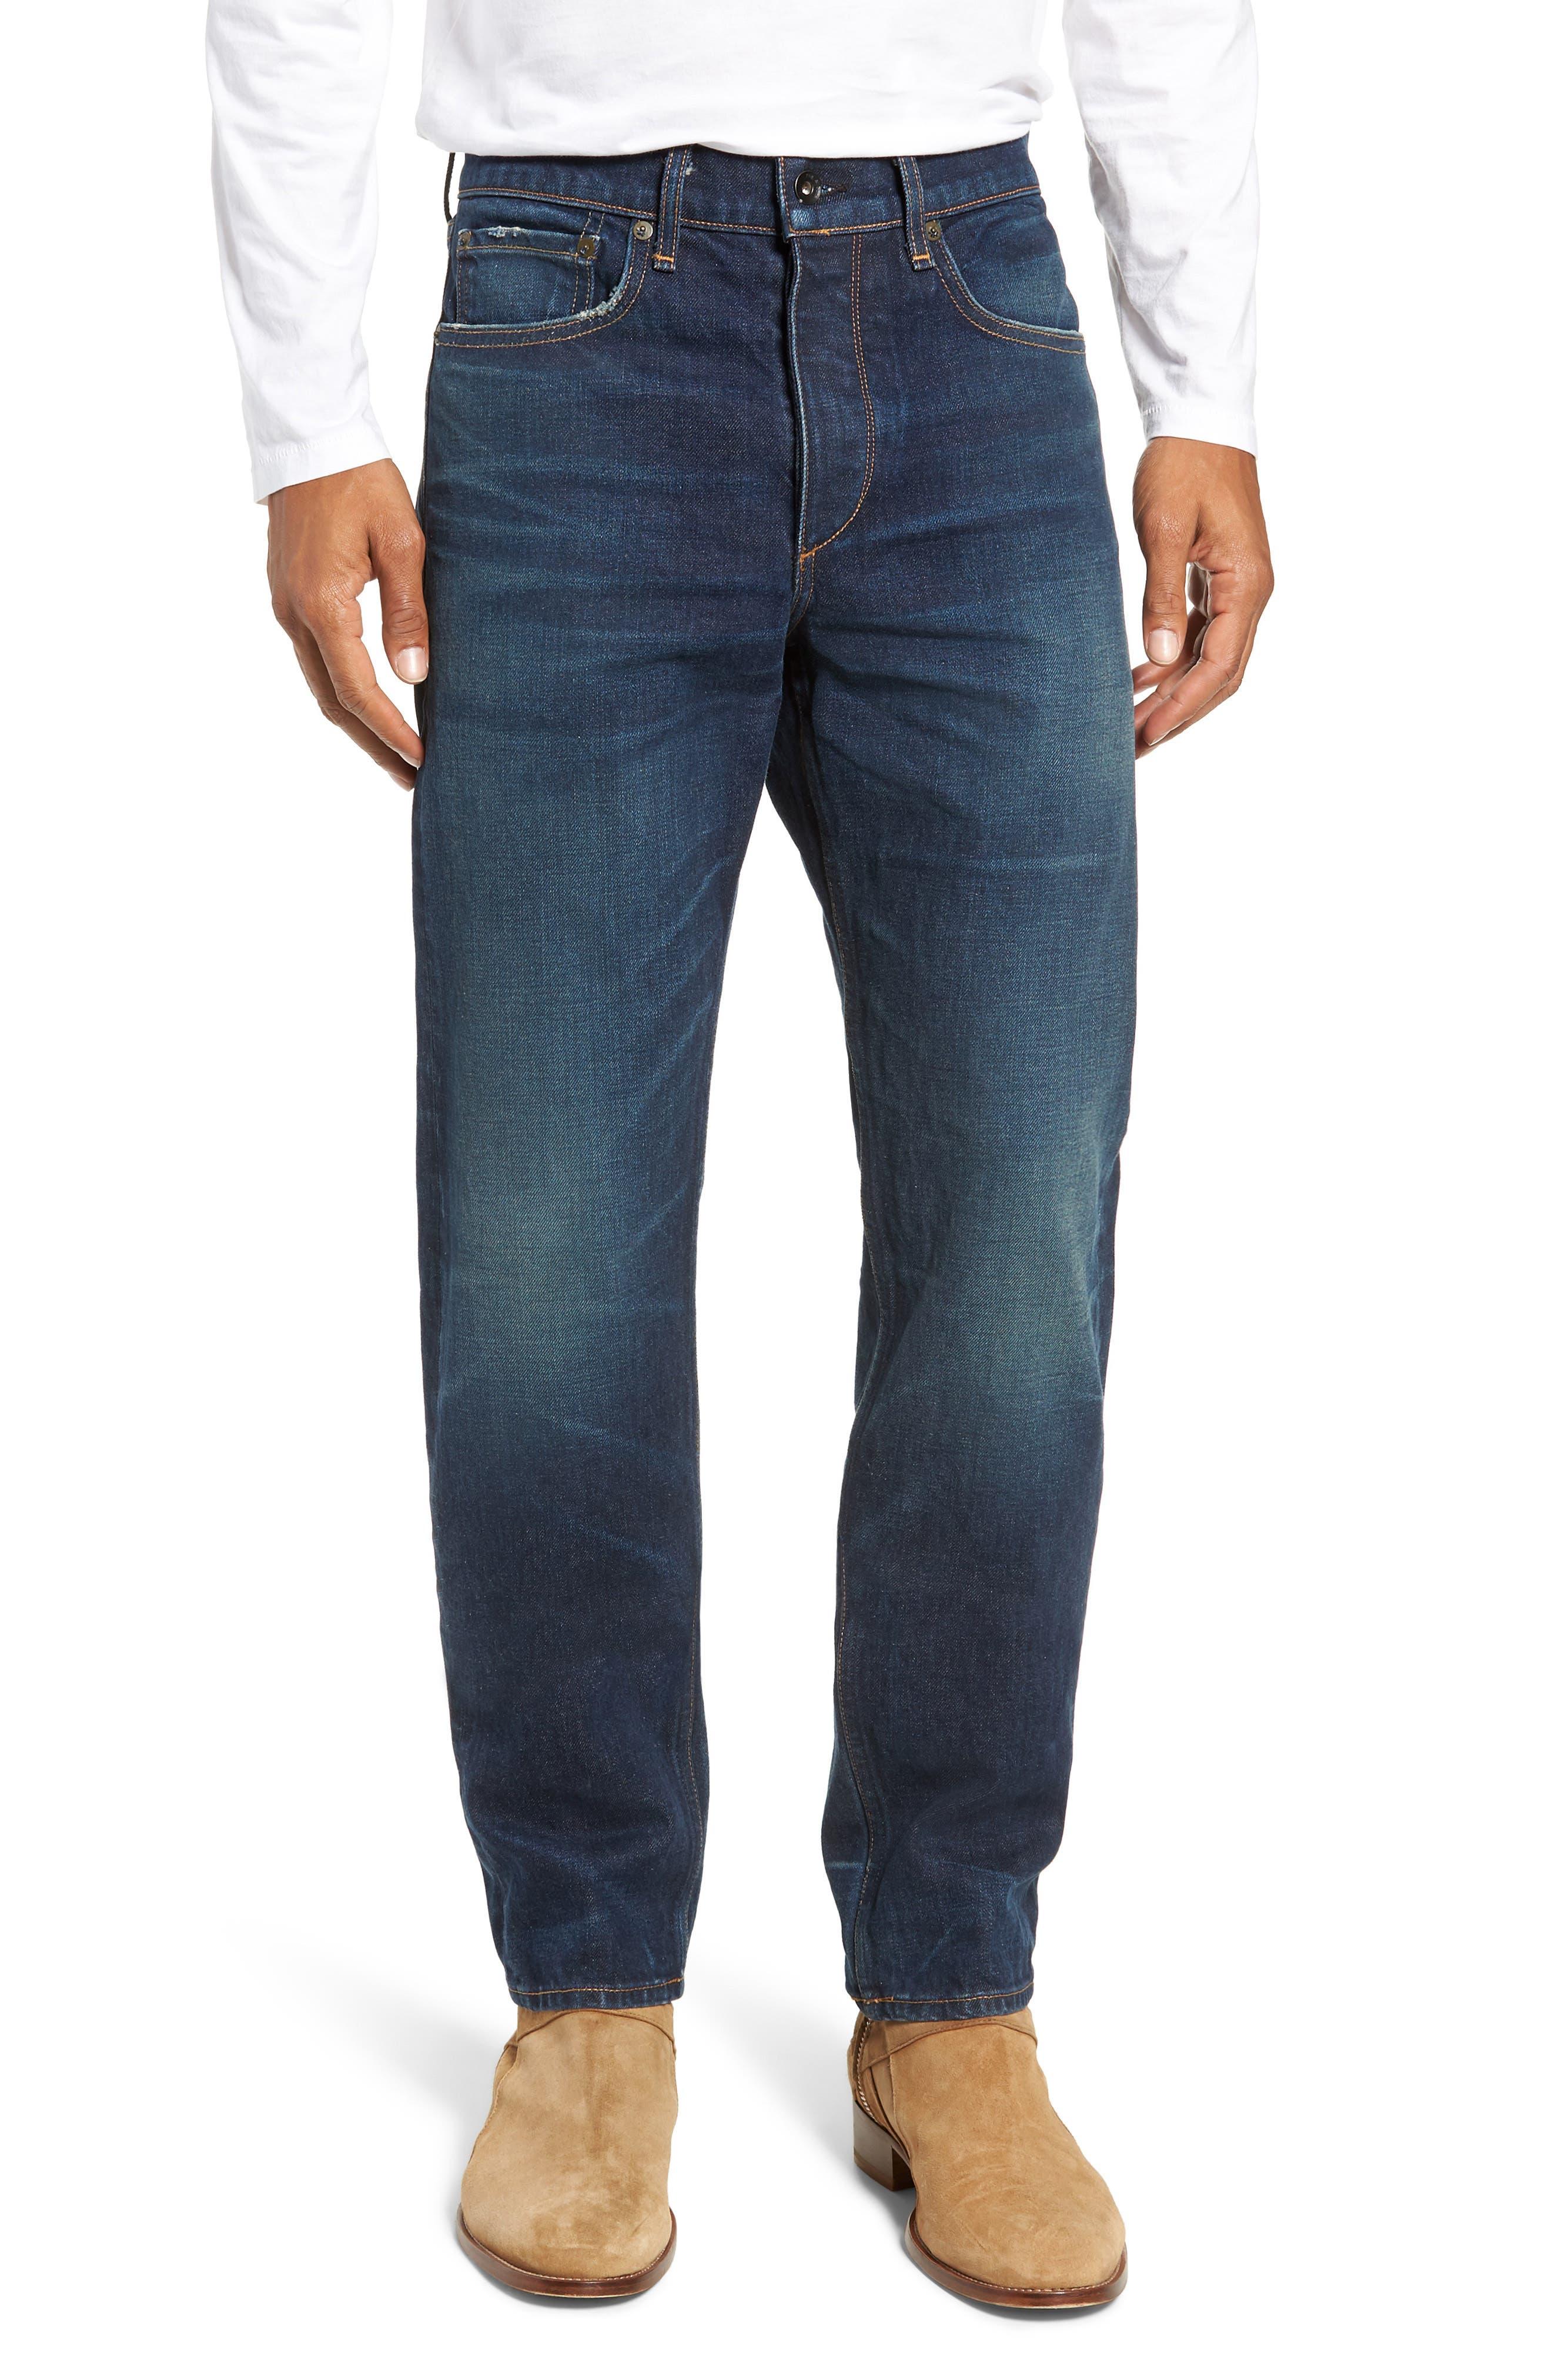 Fit 2 Slim Fit Jeans,                             Main thumbnail 1, color,                             WORN ACE